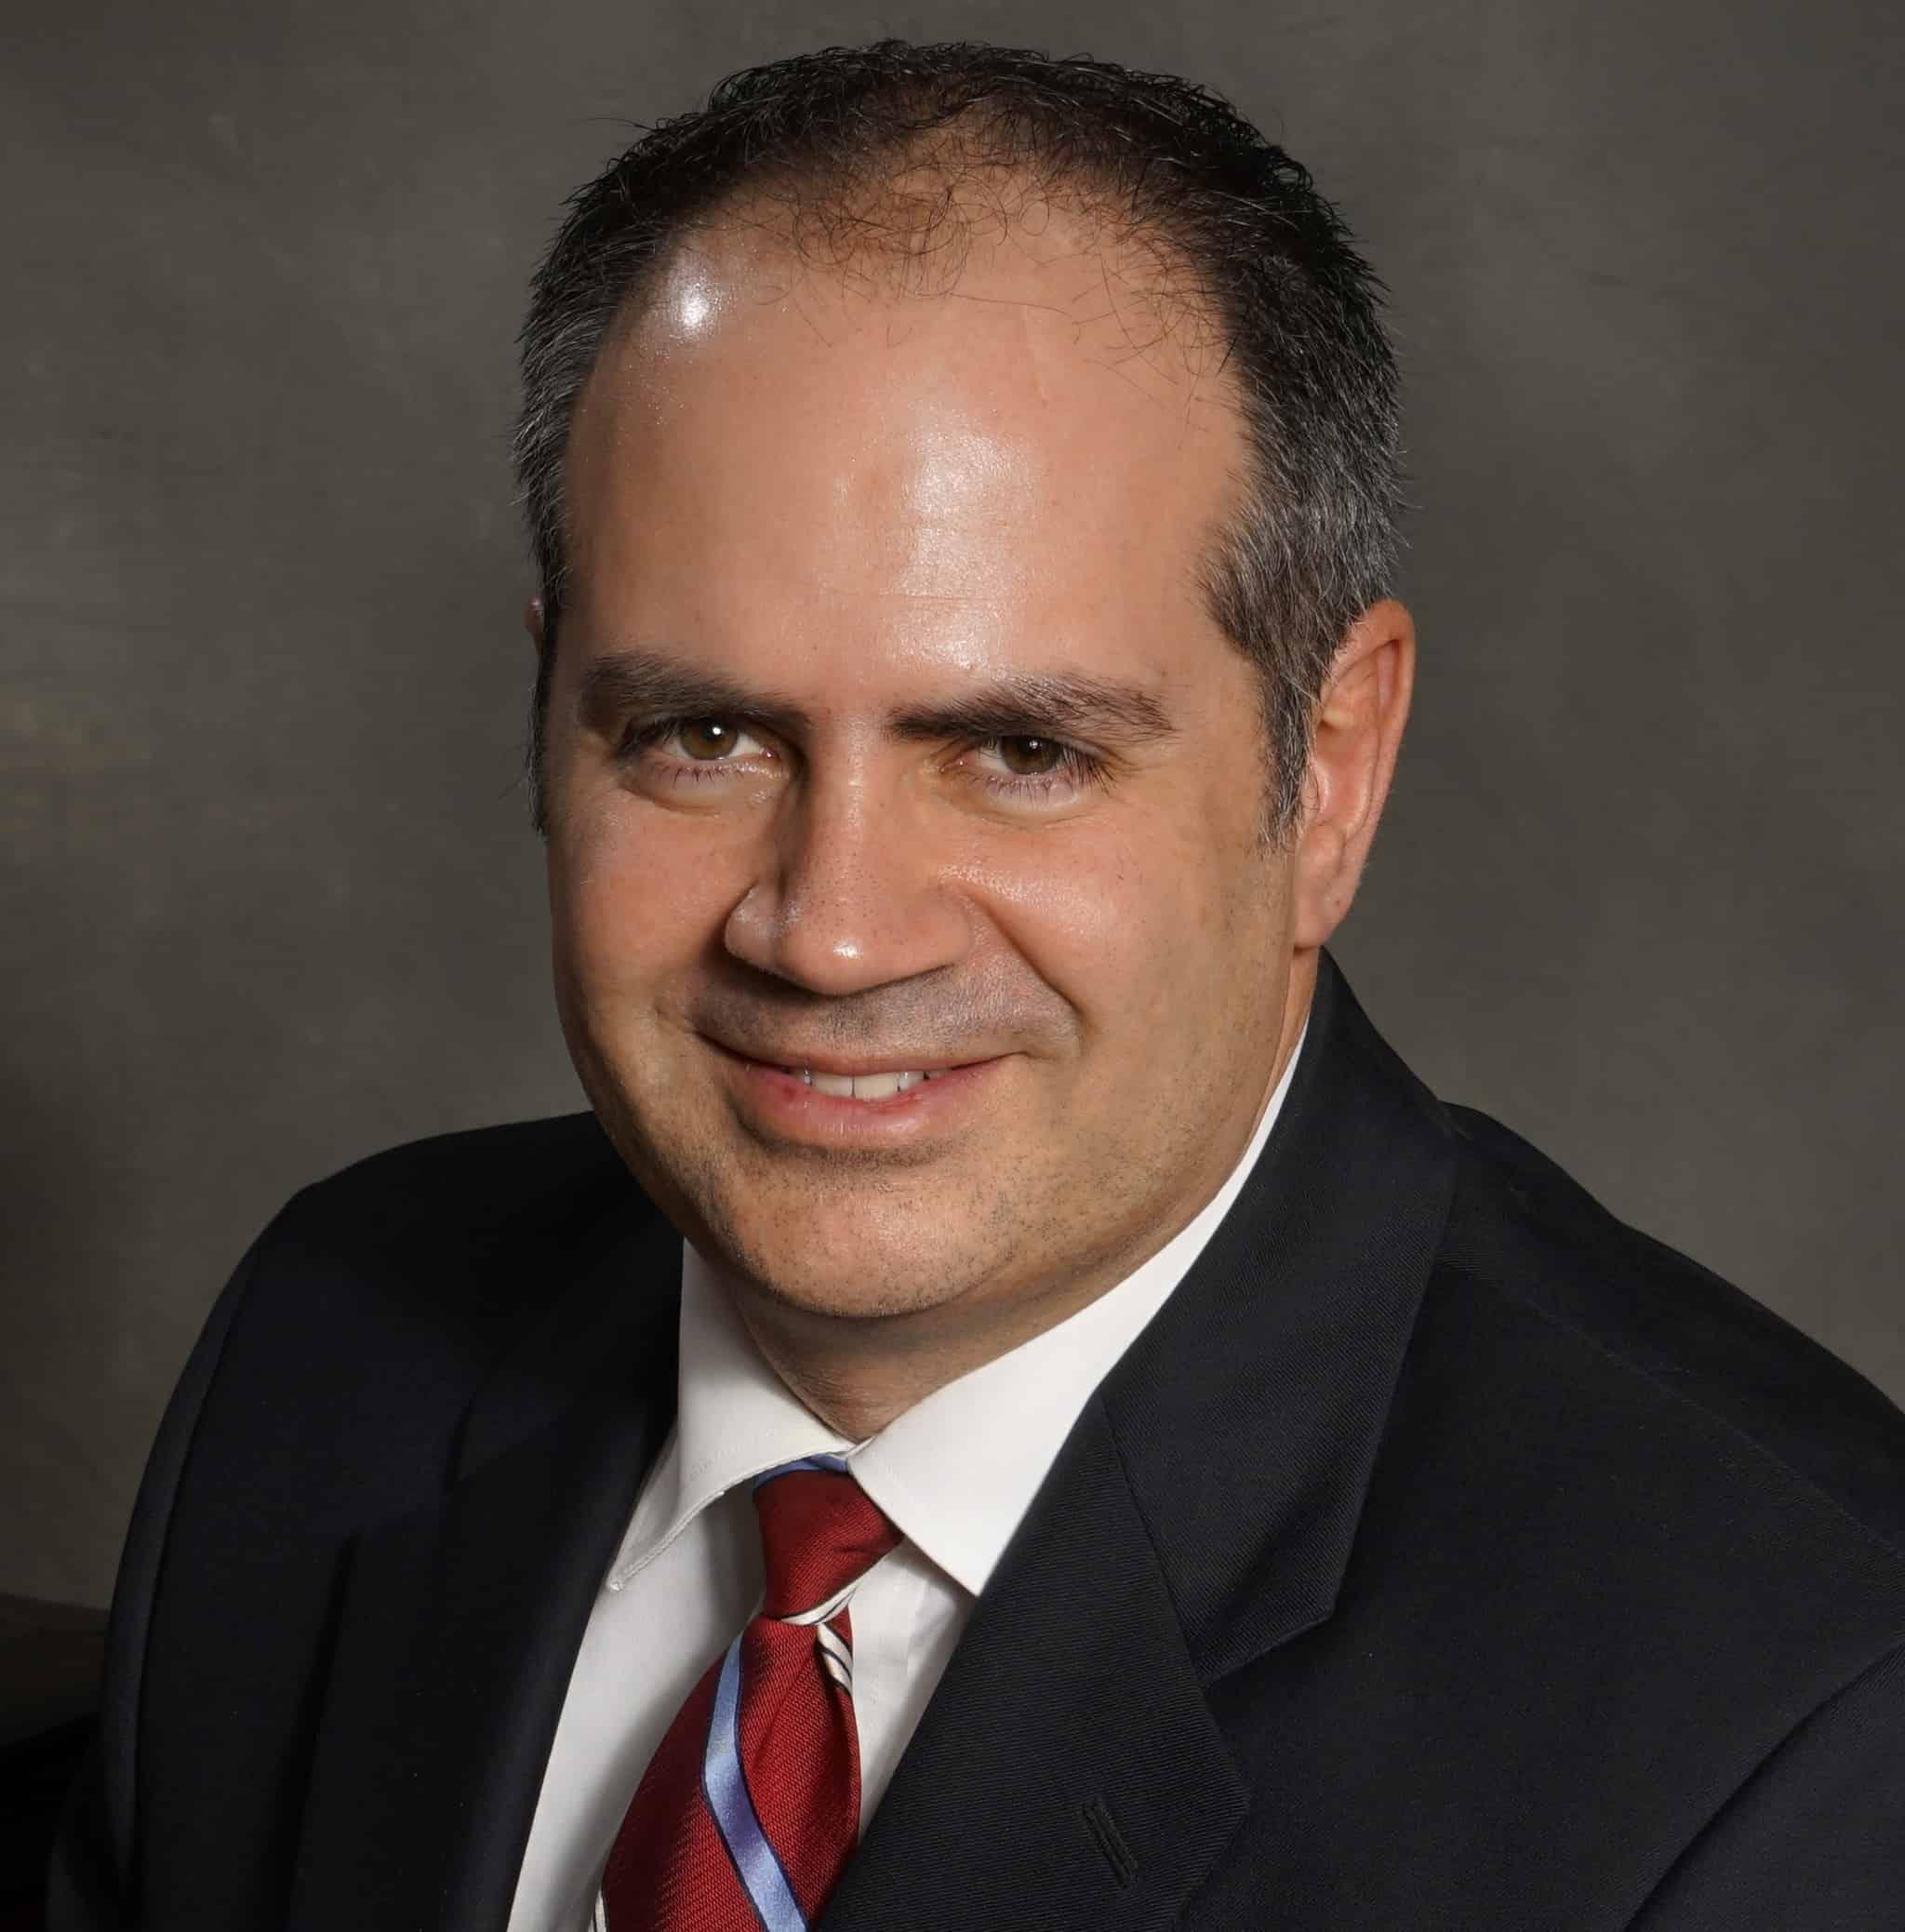 Frank Bevilacqua II, CPA, CFP® <br> - President & CEO -